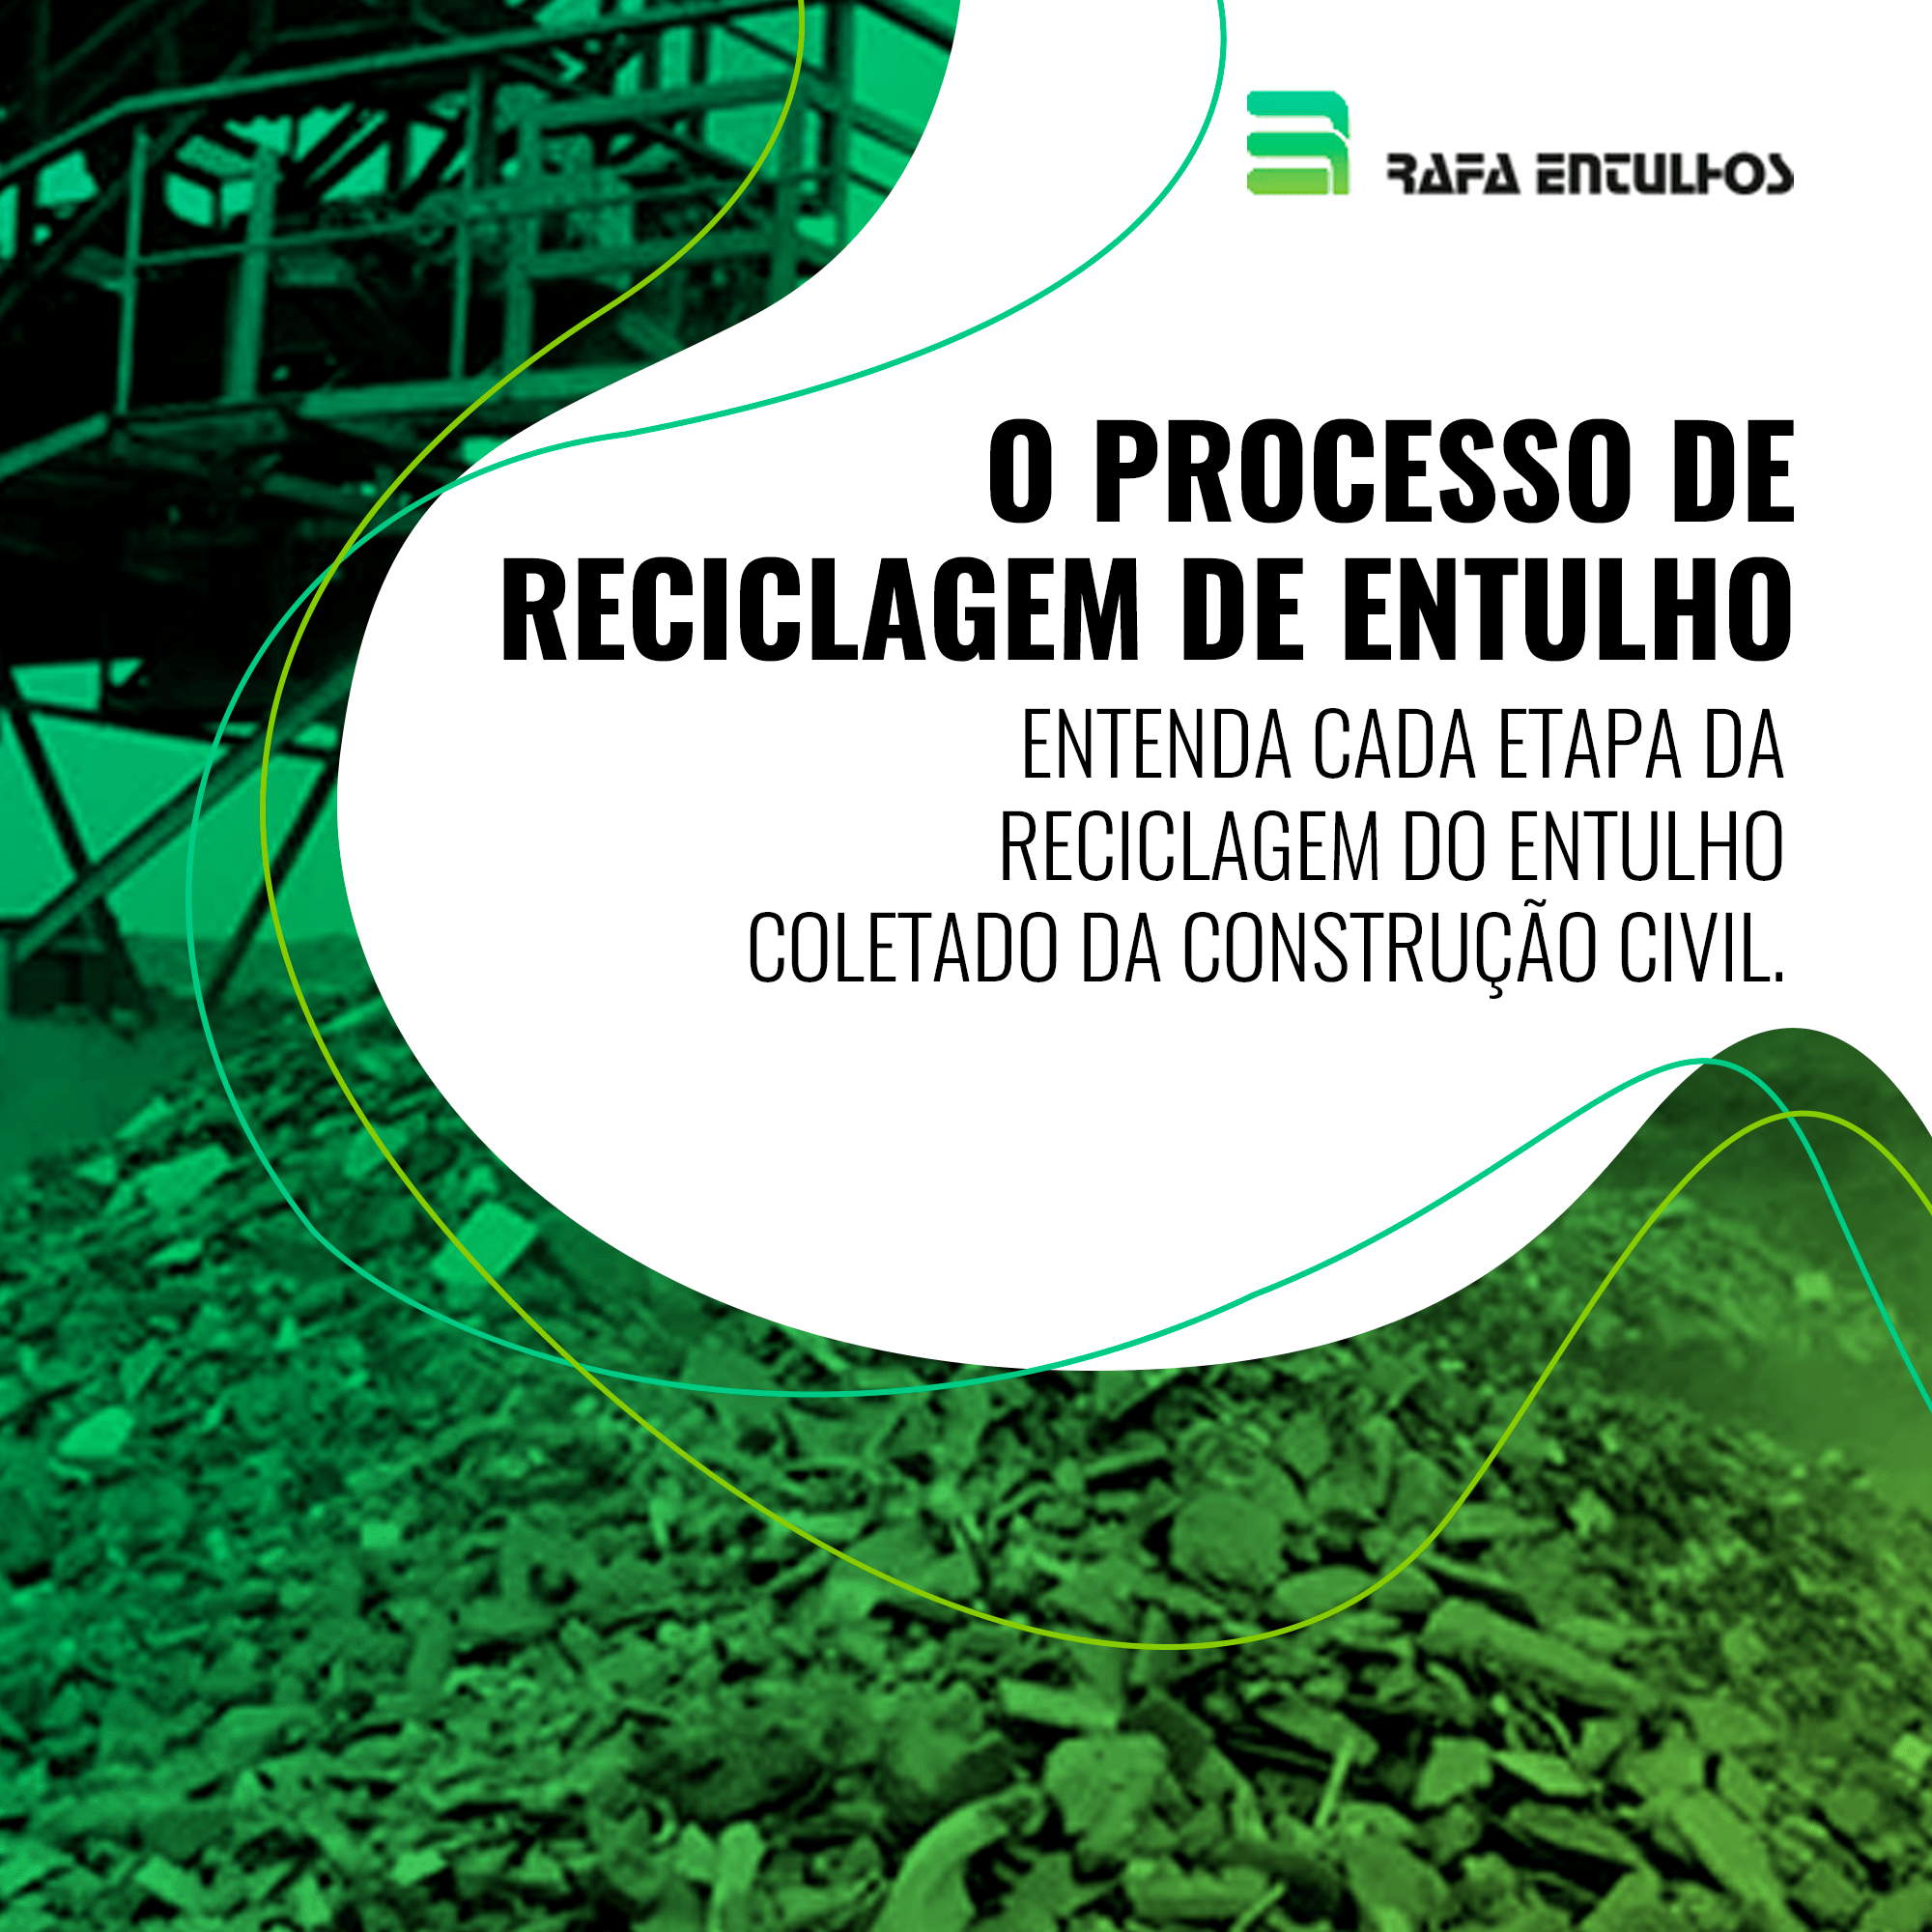 O processo de reciclagem de entulho